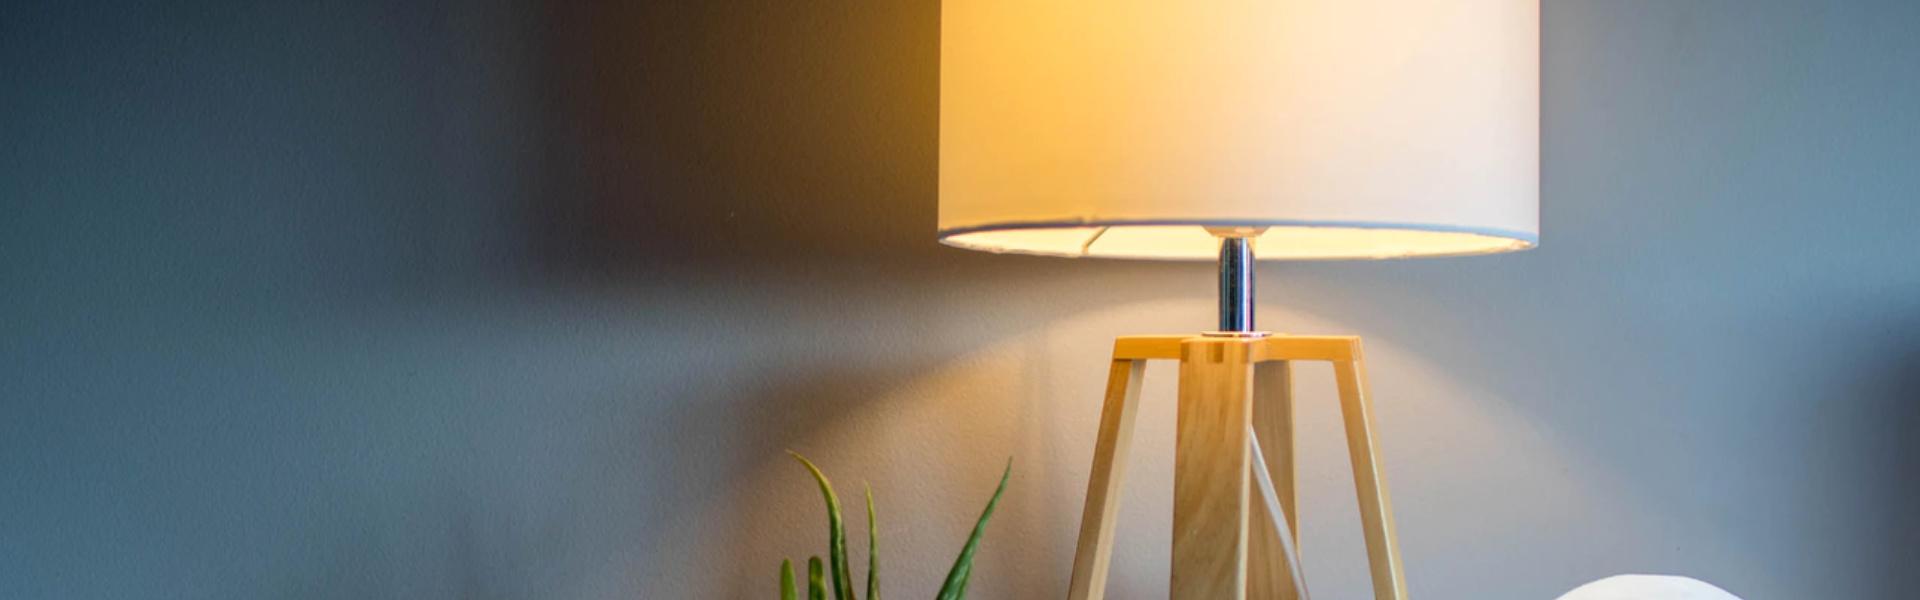 Ranking lamp stojących poniżej 100 złotych